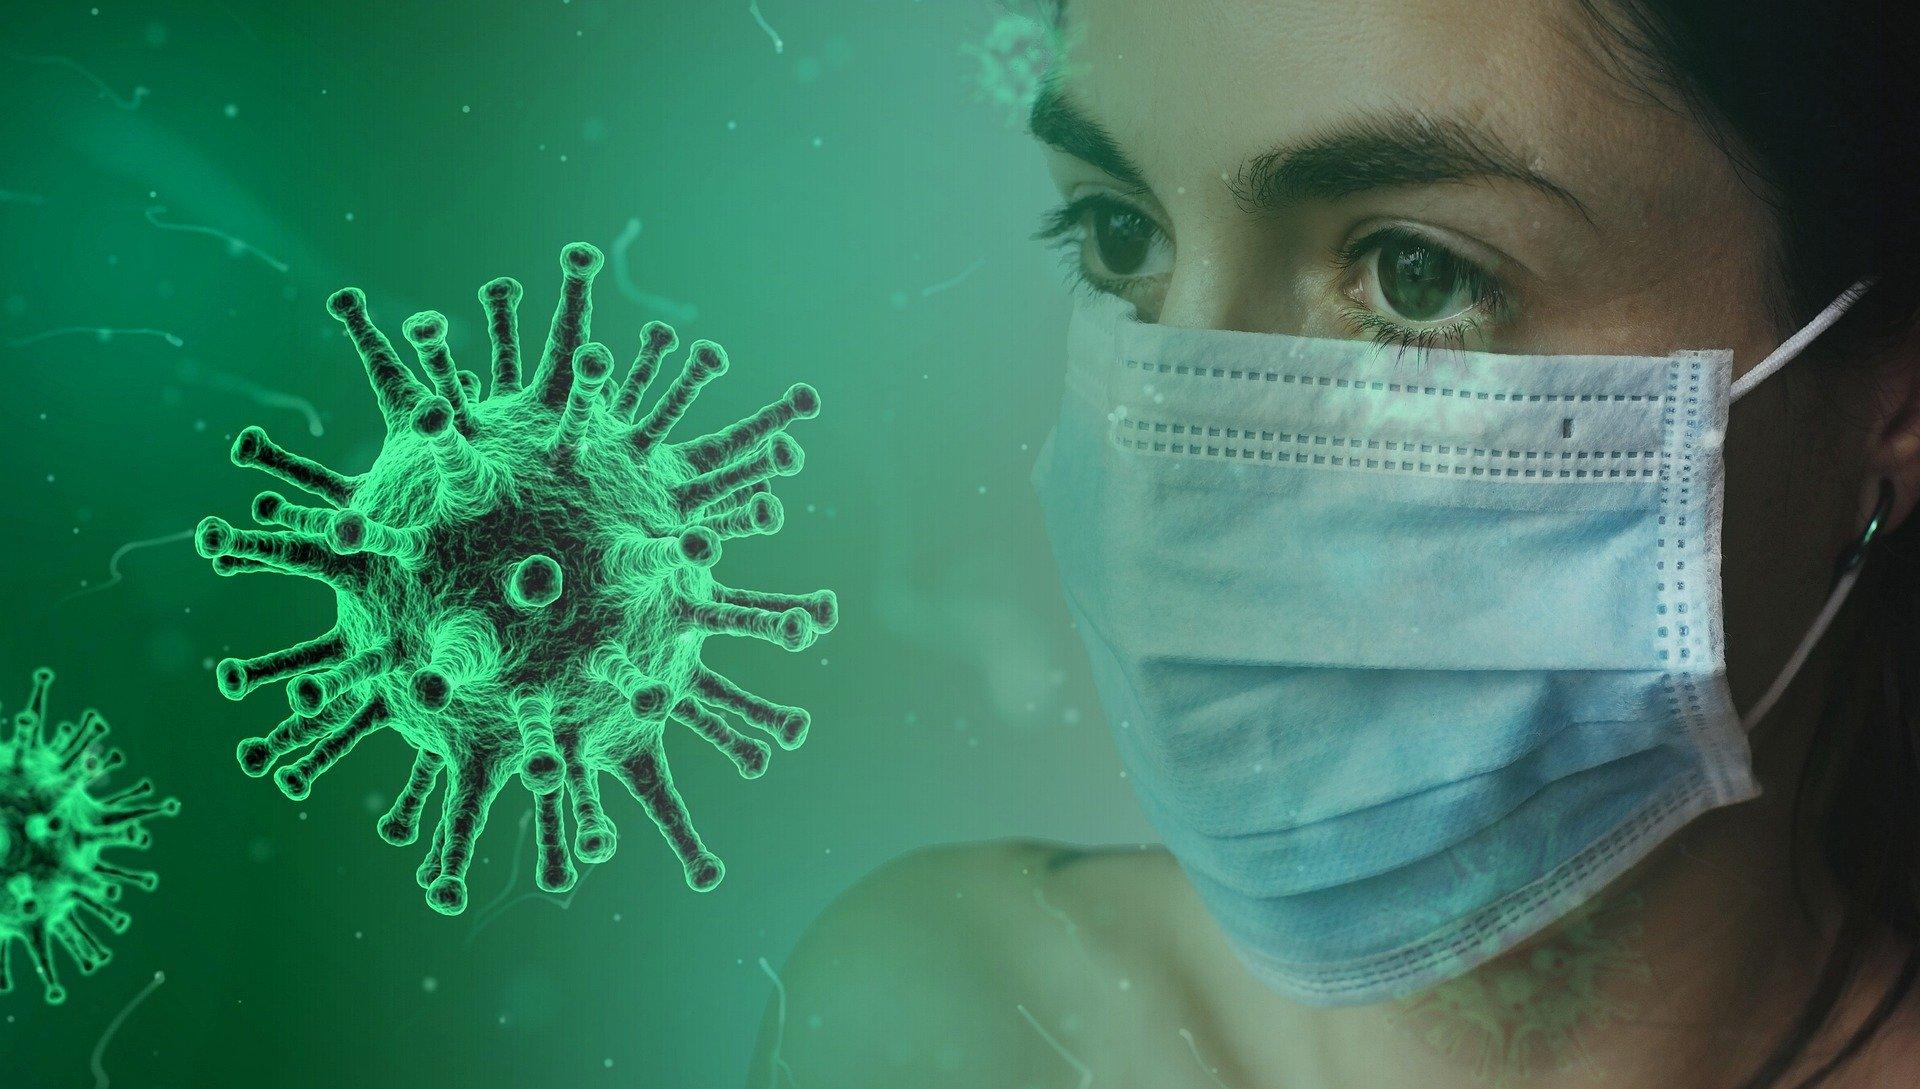 Estudo alemão estima que uso de máscaras pode reduzir contaminações em 40%